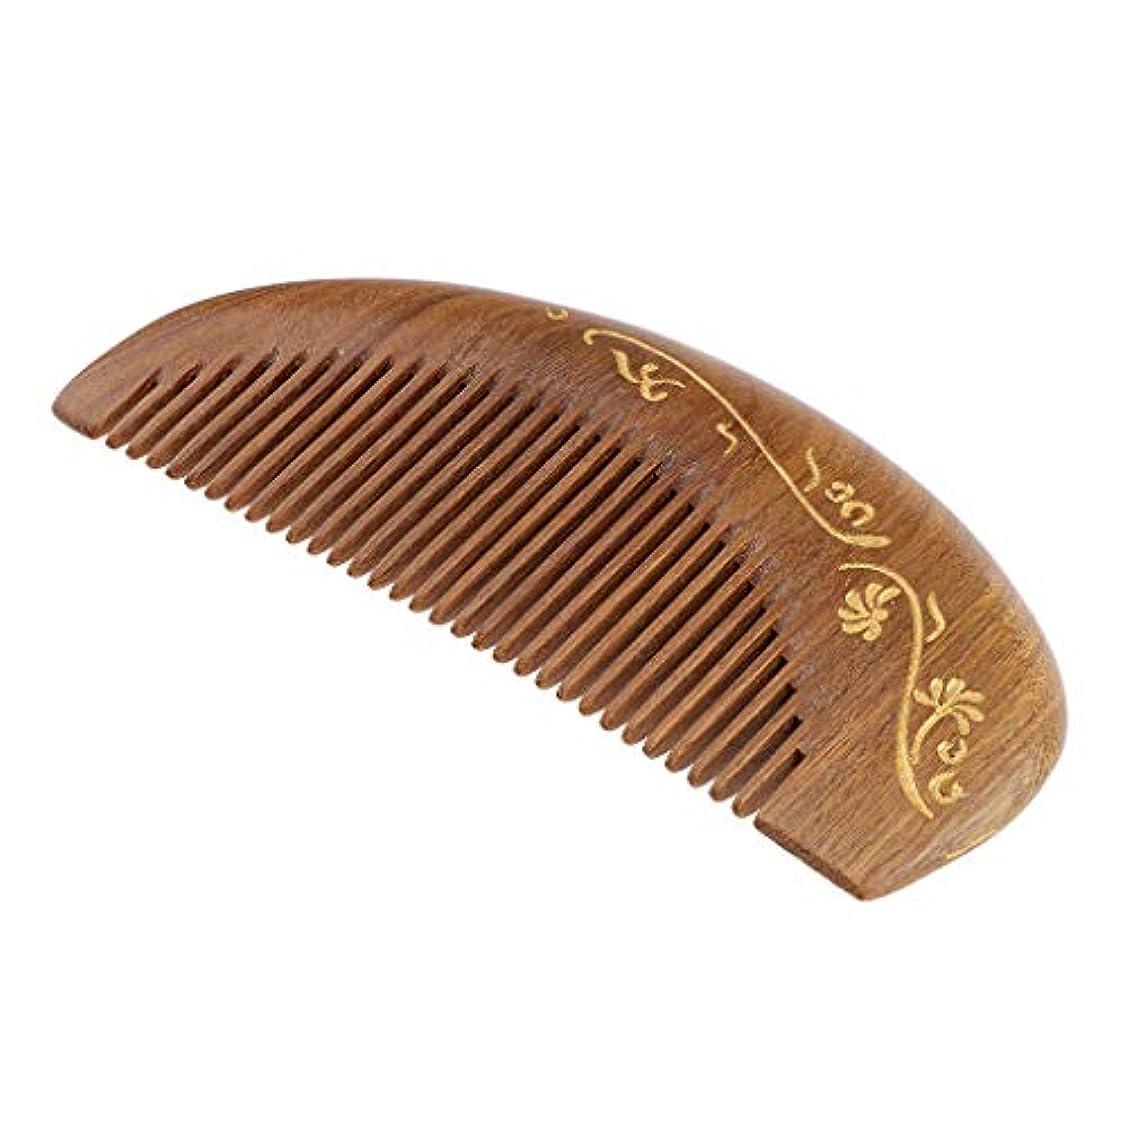 けがをする楽観的割合帯電防止櫛 ウッドヘアーコーム 頭皮マッサージ 櫛 レトロ 4仕様選べ - #2